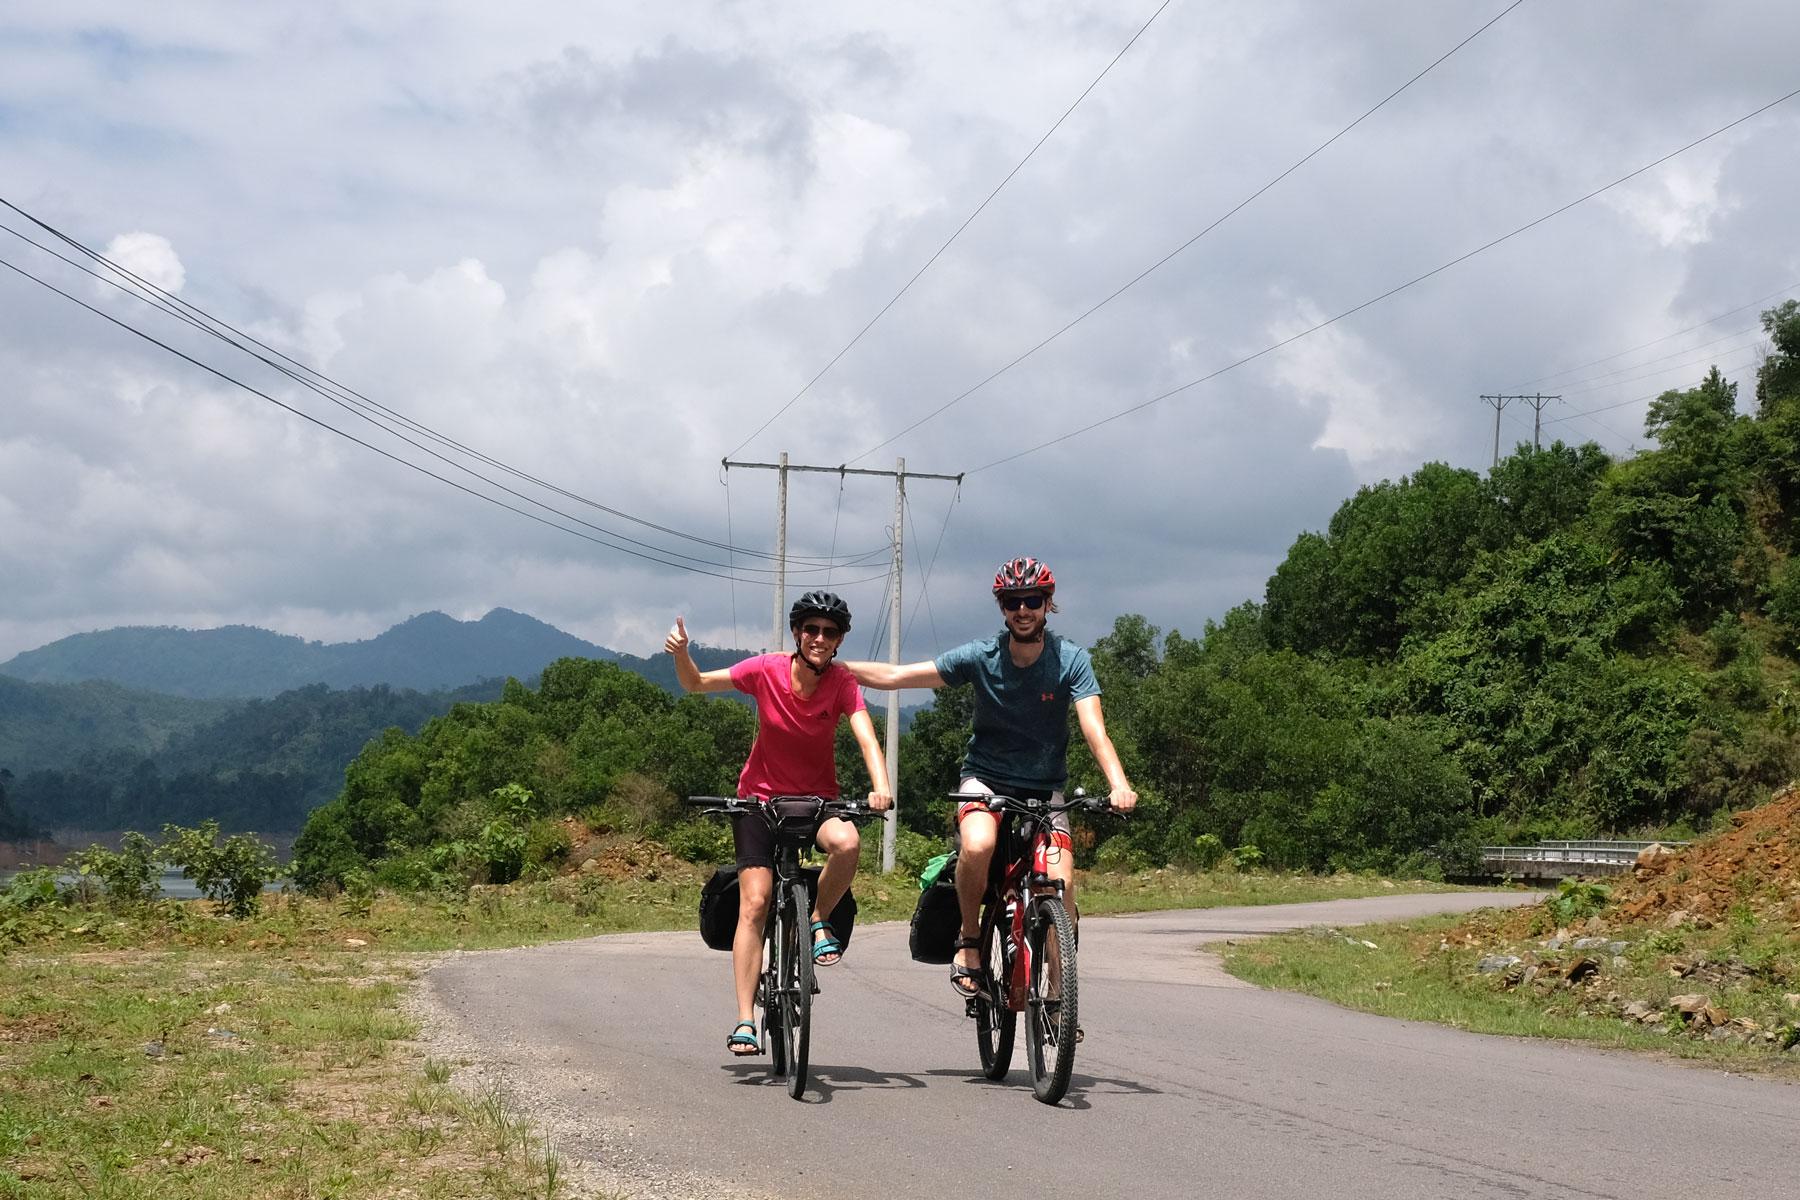 Leo und Sebastian fahren mit ihren Fahrrädern auf einer Straße im Hochland Vietnams.